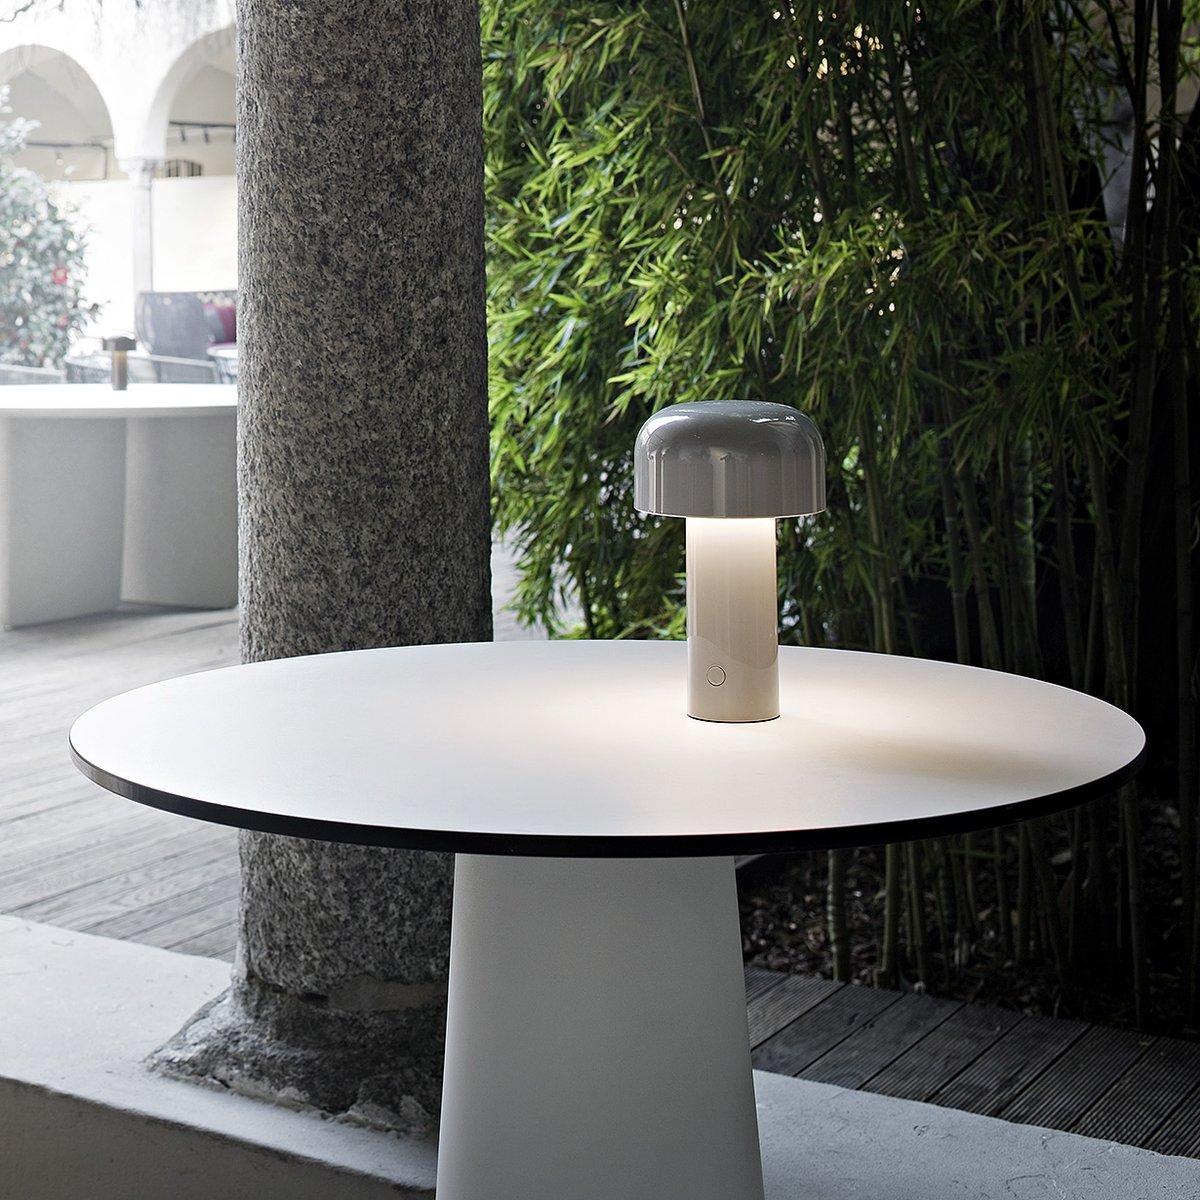 Lampada da tavolo bellhop led portatile e ricaricabile by flos lovethesign - Lampada led da tavolo ricaricabile ...